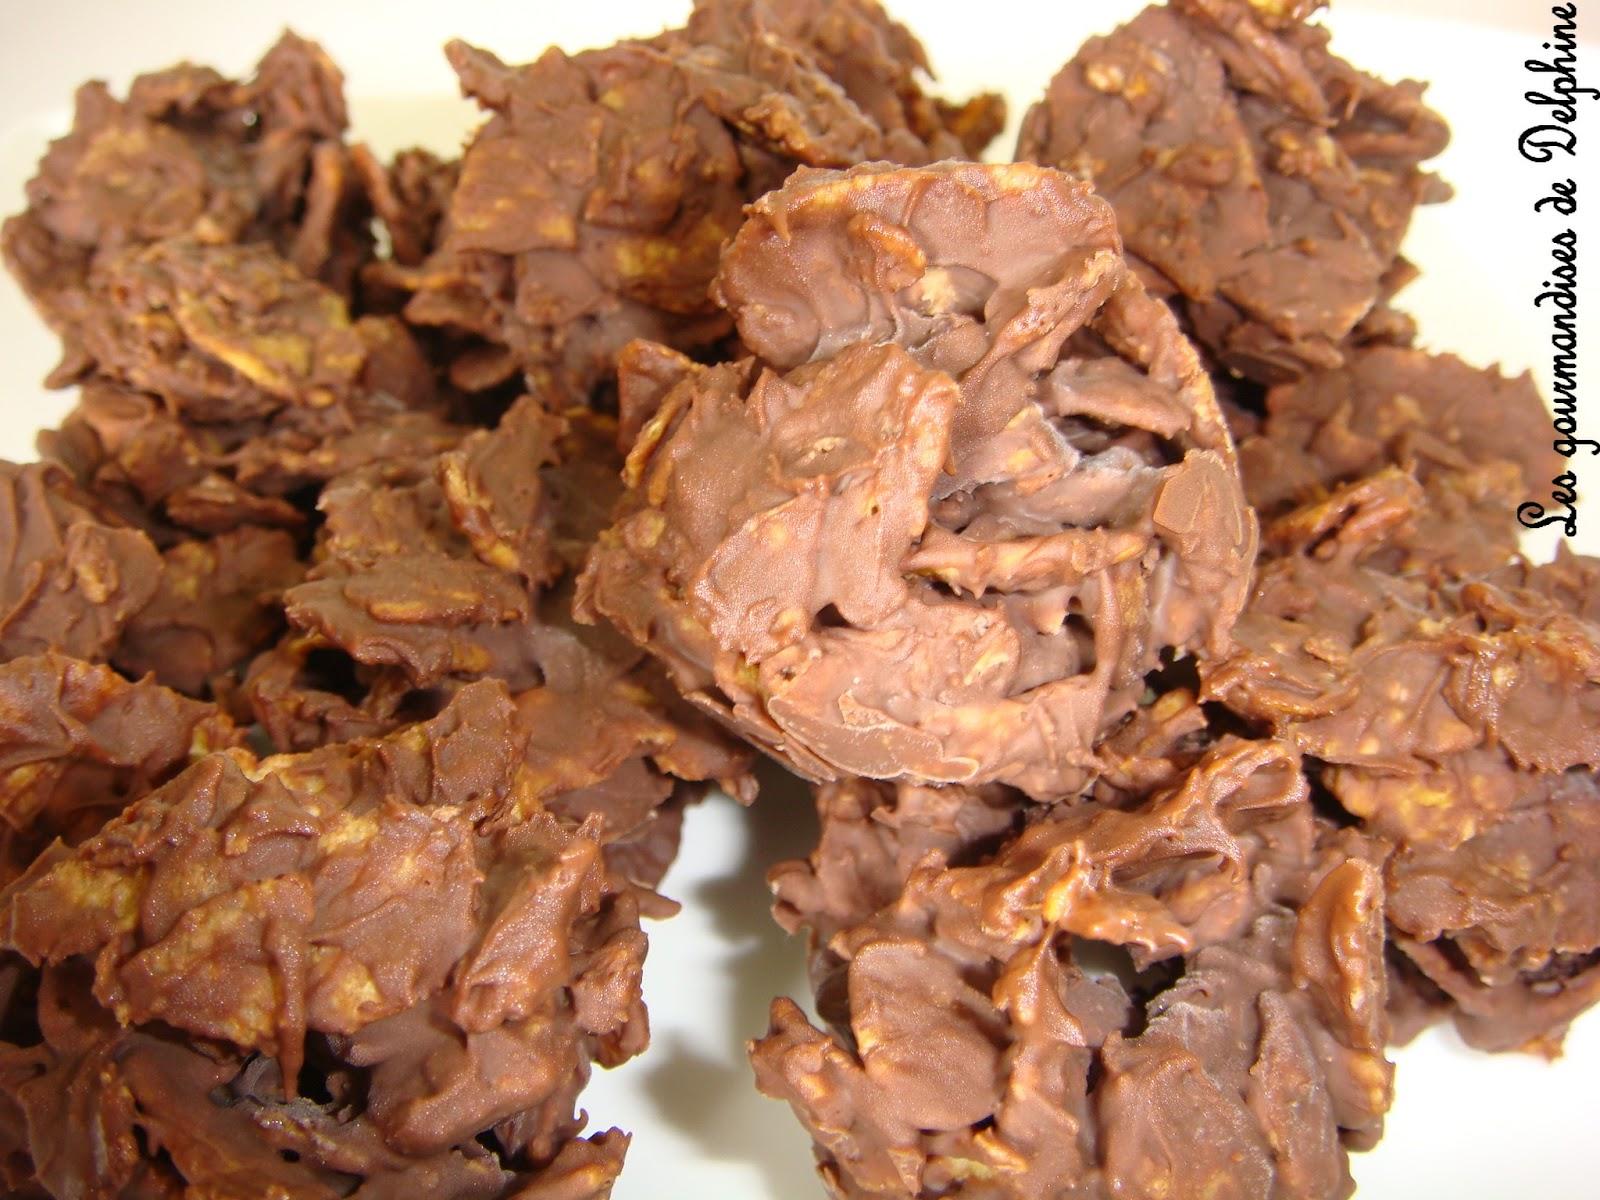 caramel chocolat roses des sables au nutella. Black Bedroom Furniture Sets. Home Design Ideas